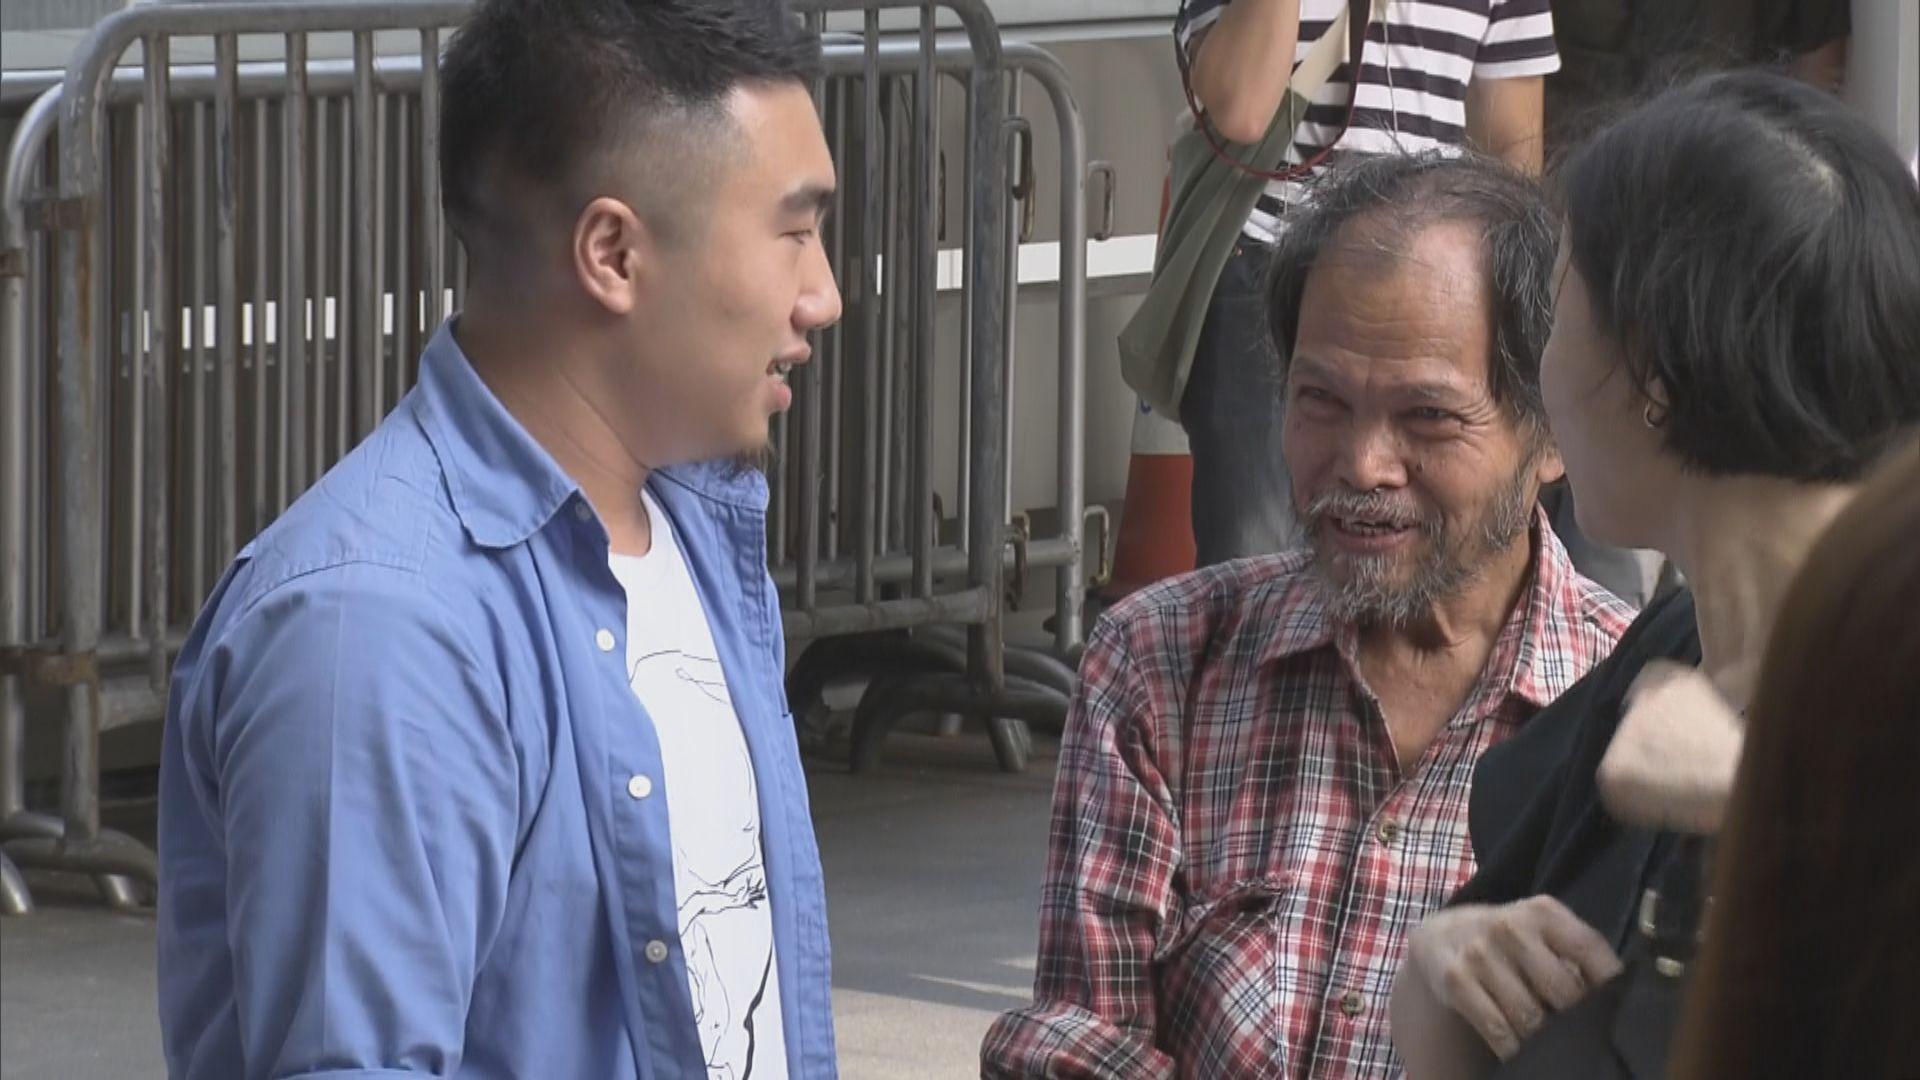 佔旺15人藐視法庭罪成 劉鐵民囚四個月